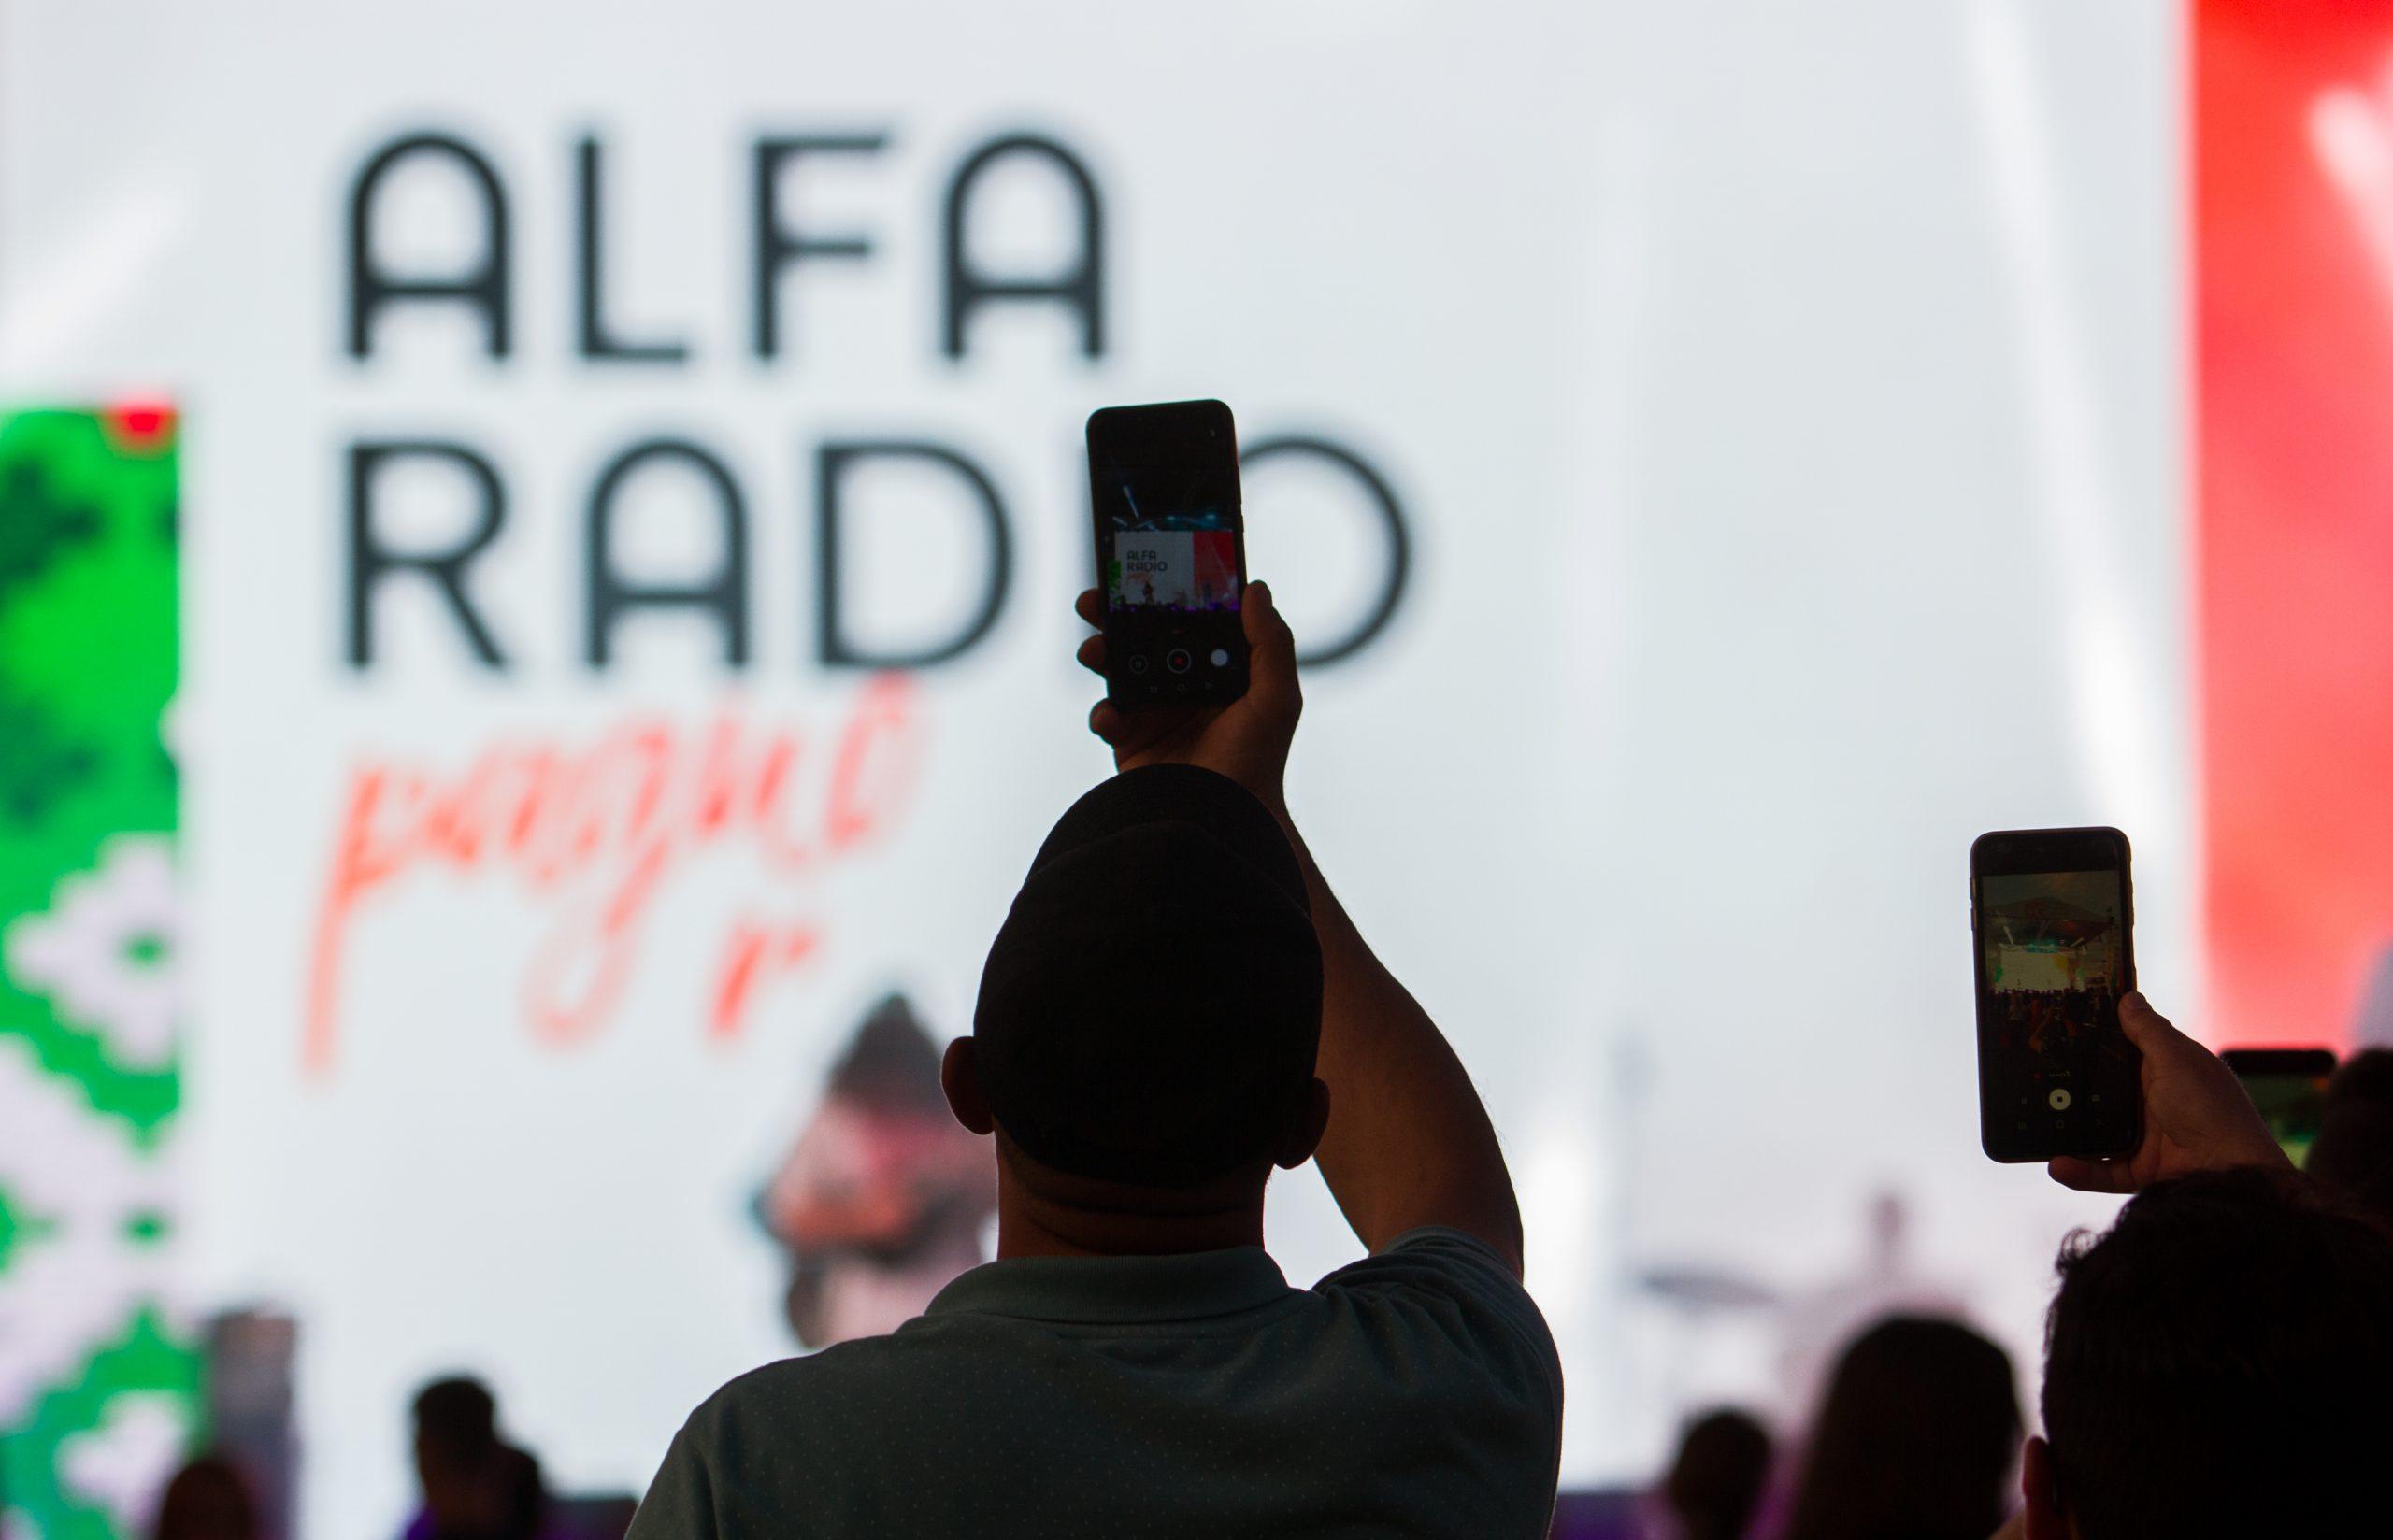 «Альфа Радио» начало региональное вещание в Витебске